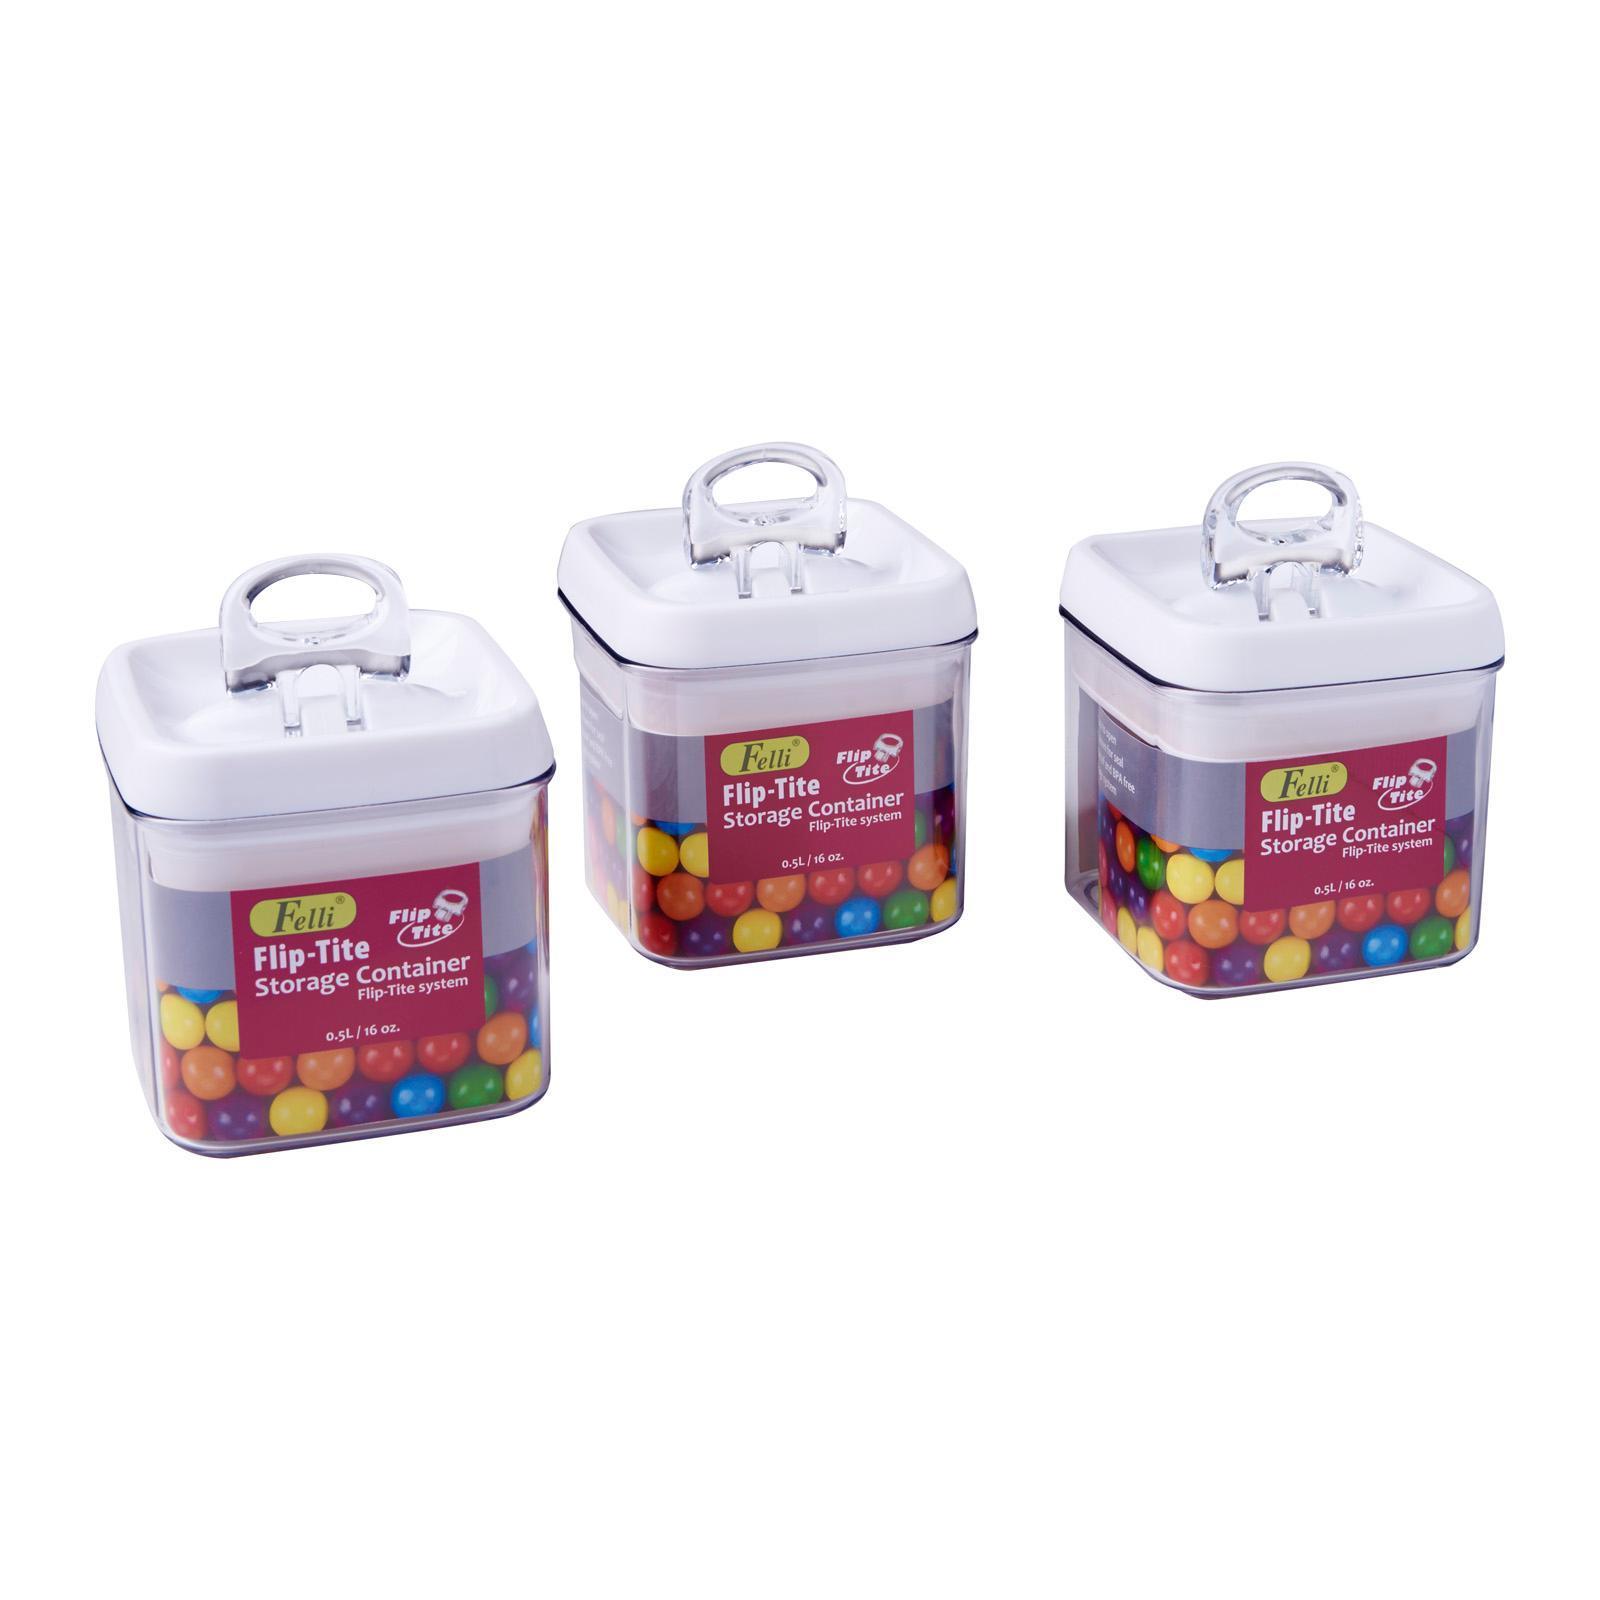 Felli Flip Tite Container 3Pcs Set (0.5L)